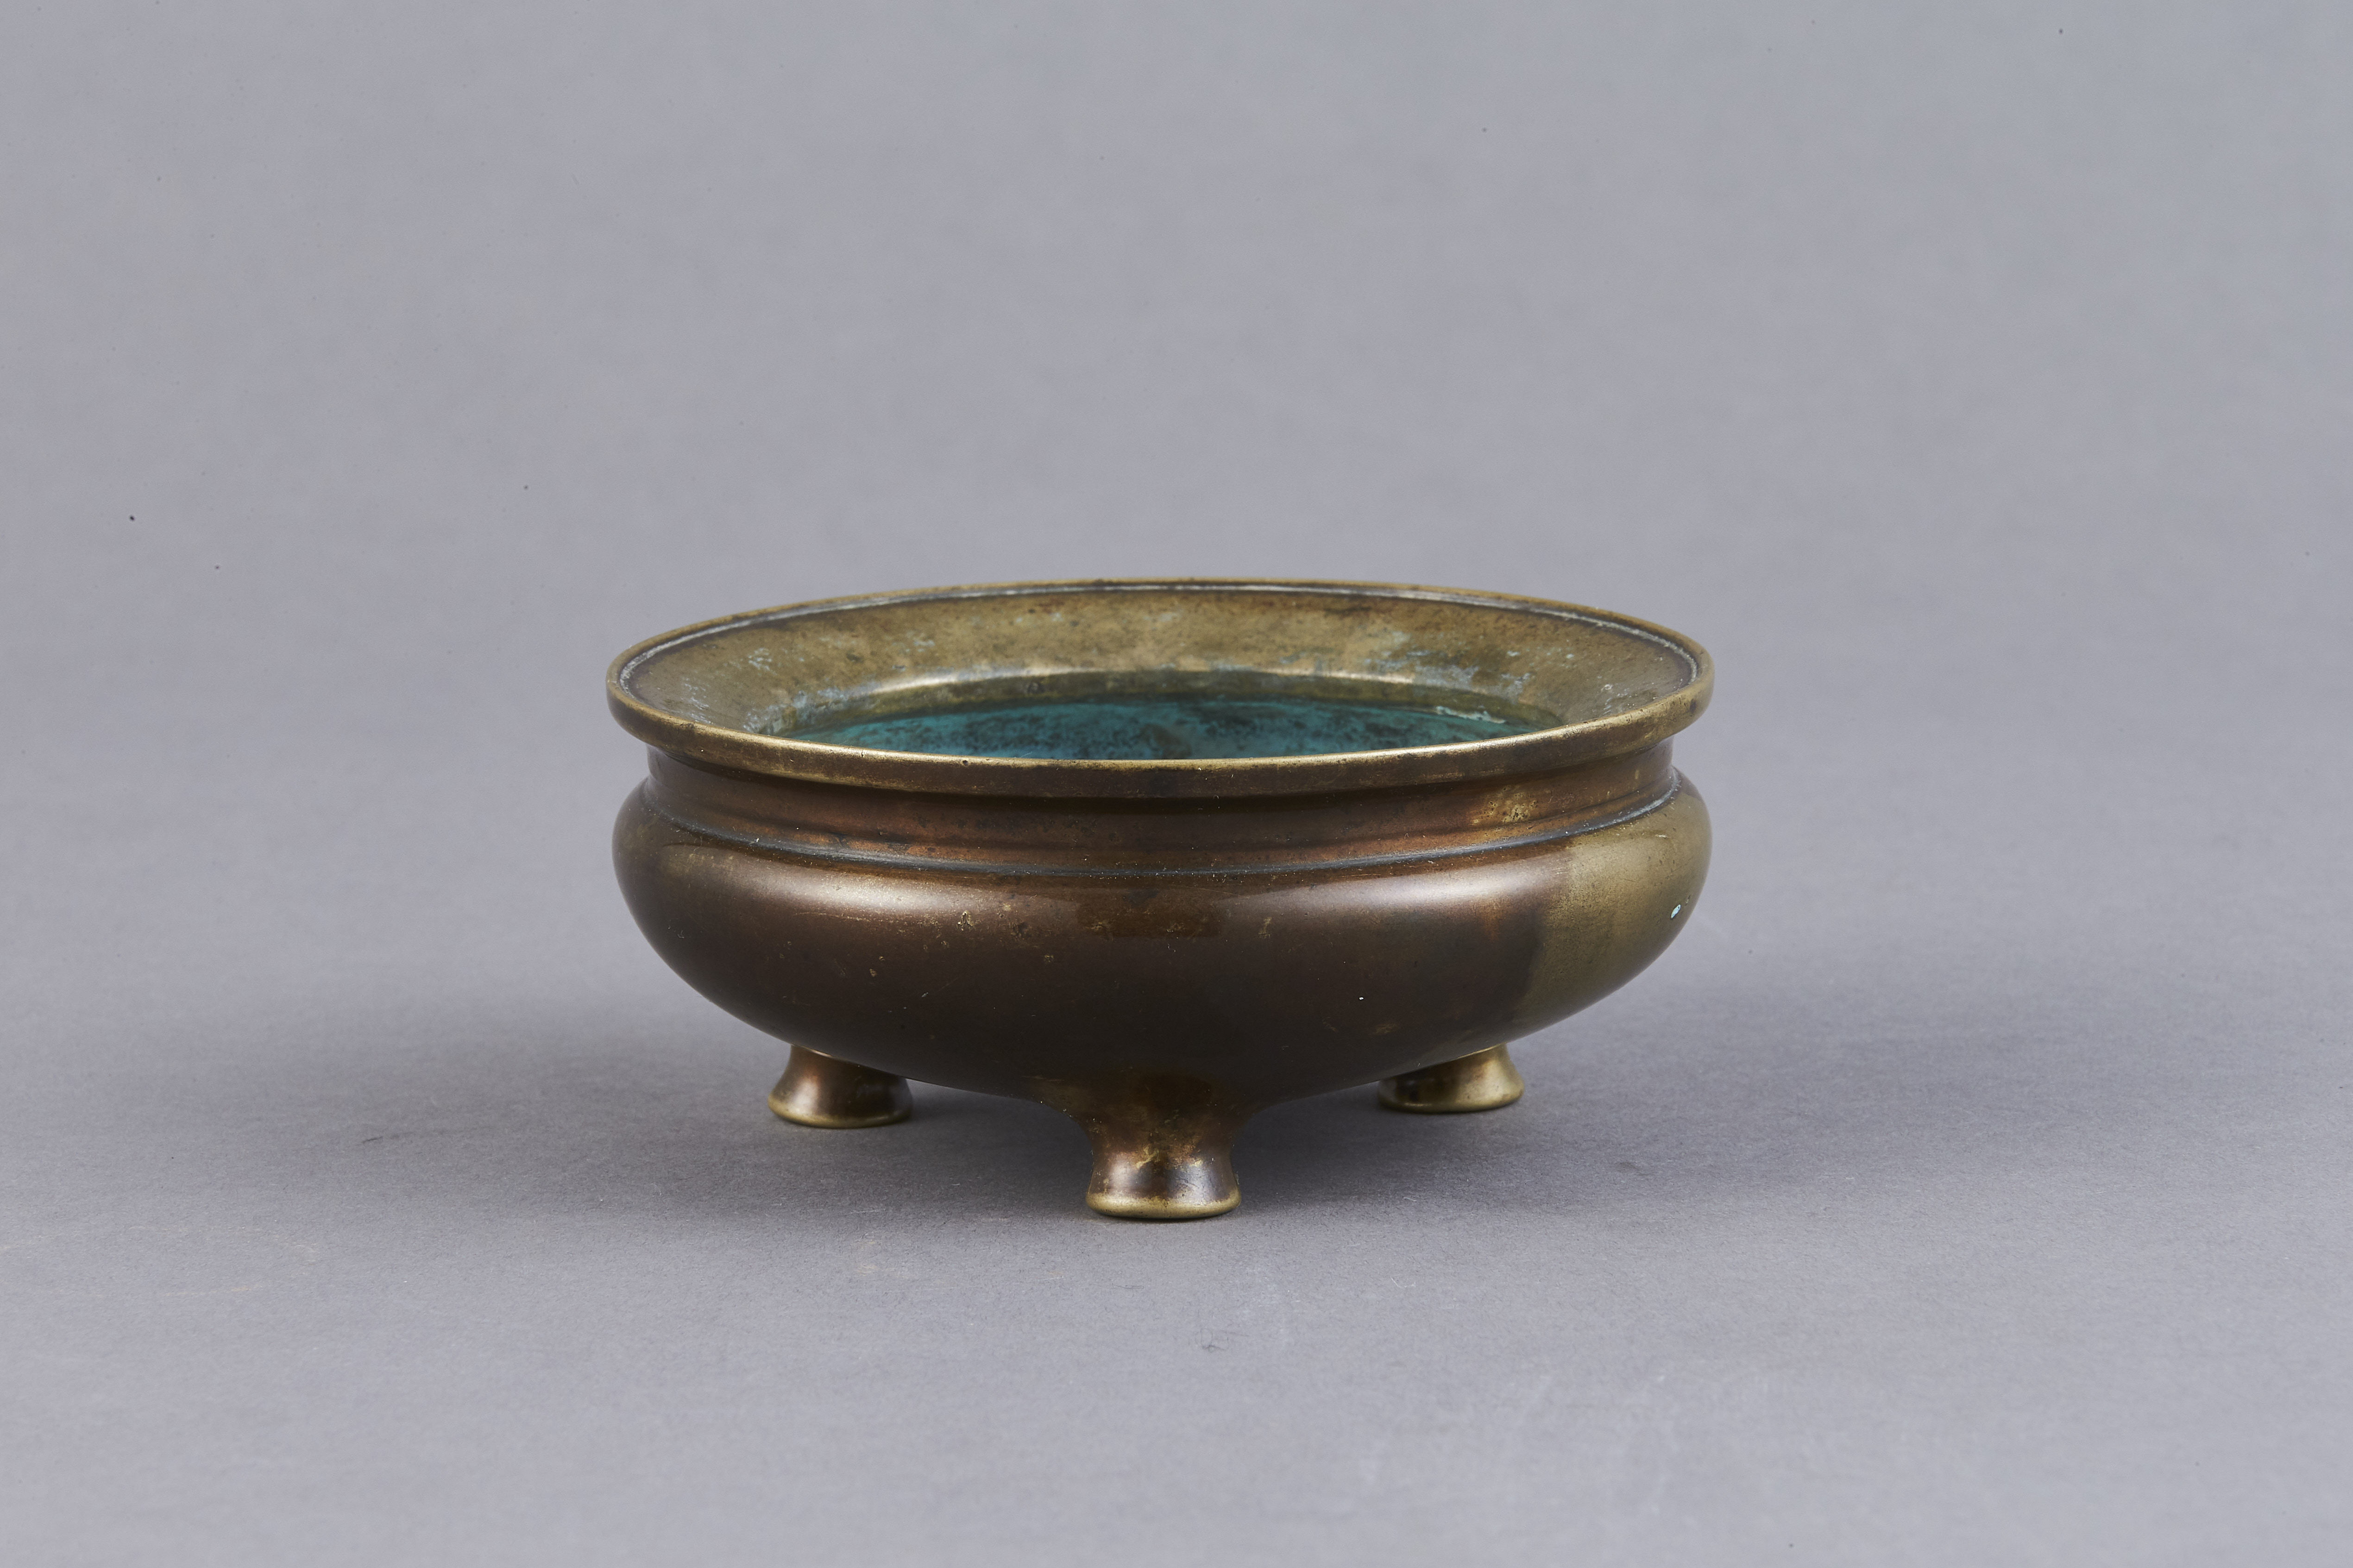 170888明末清初「宣徳年製」款 銅 鬲式爐